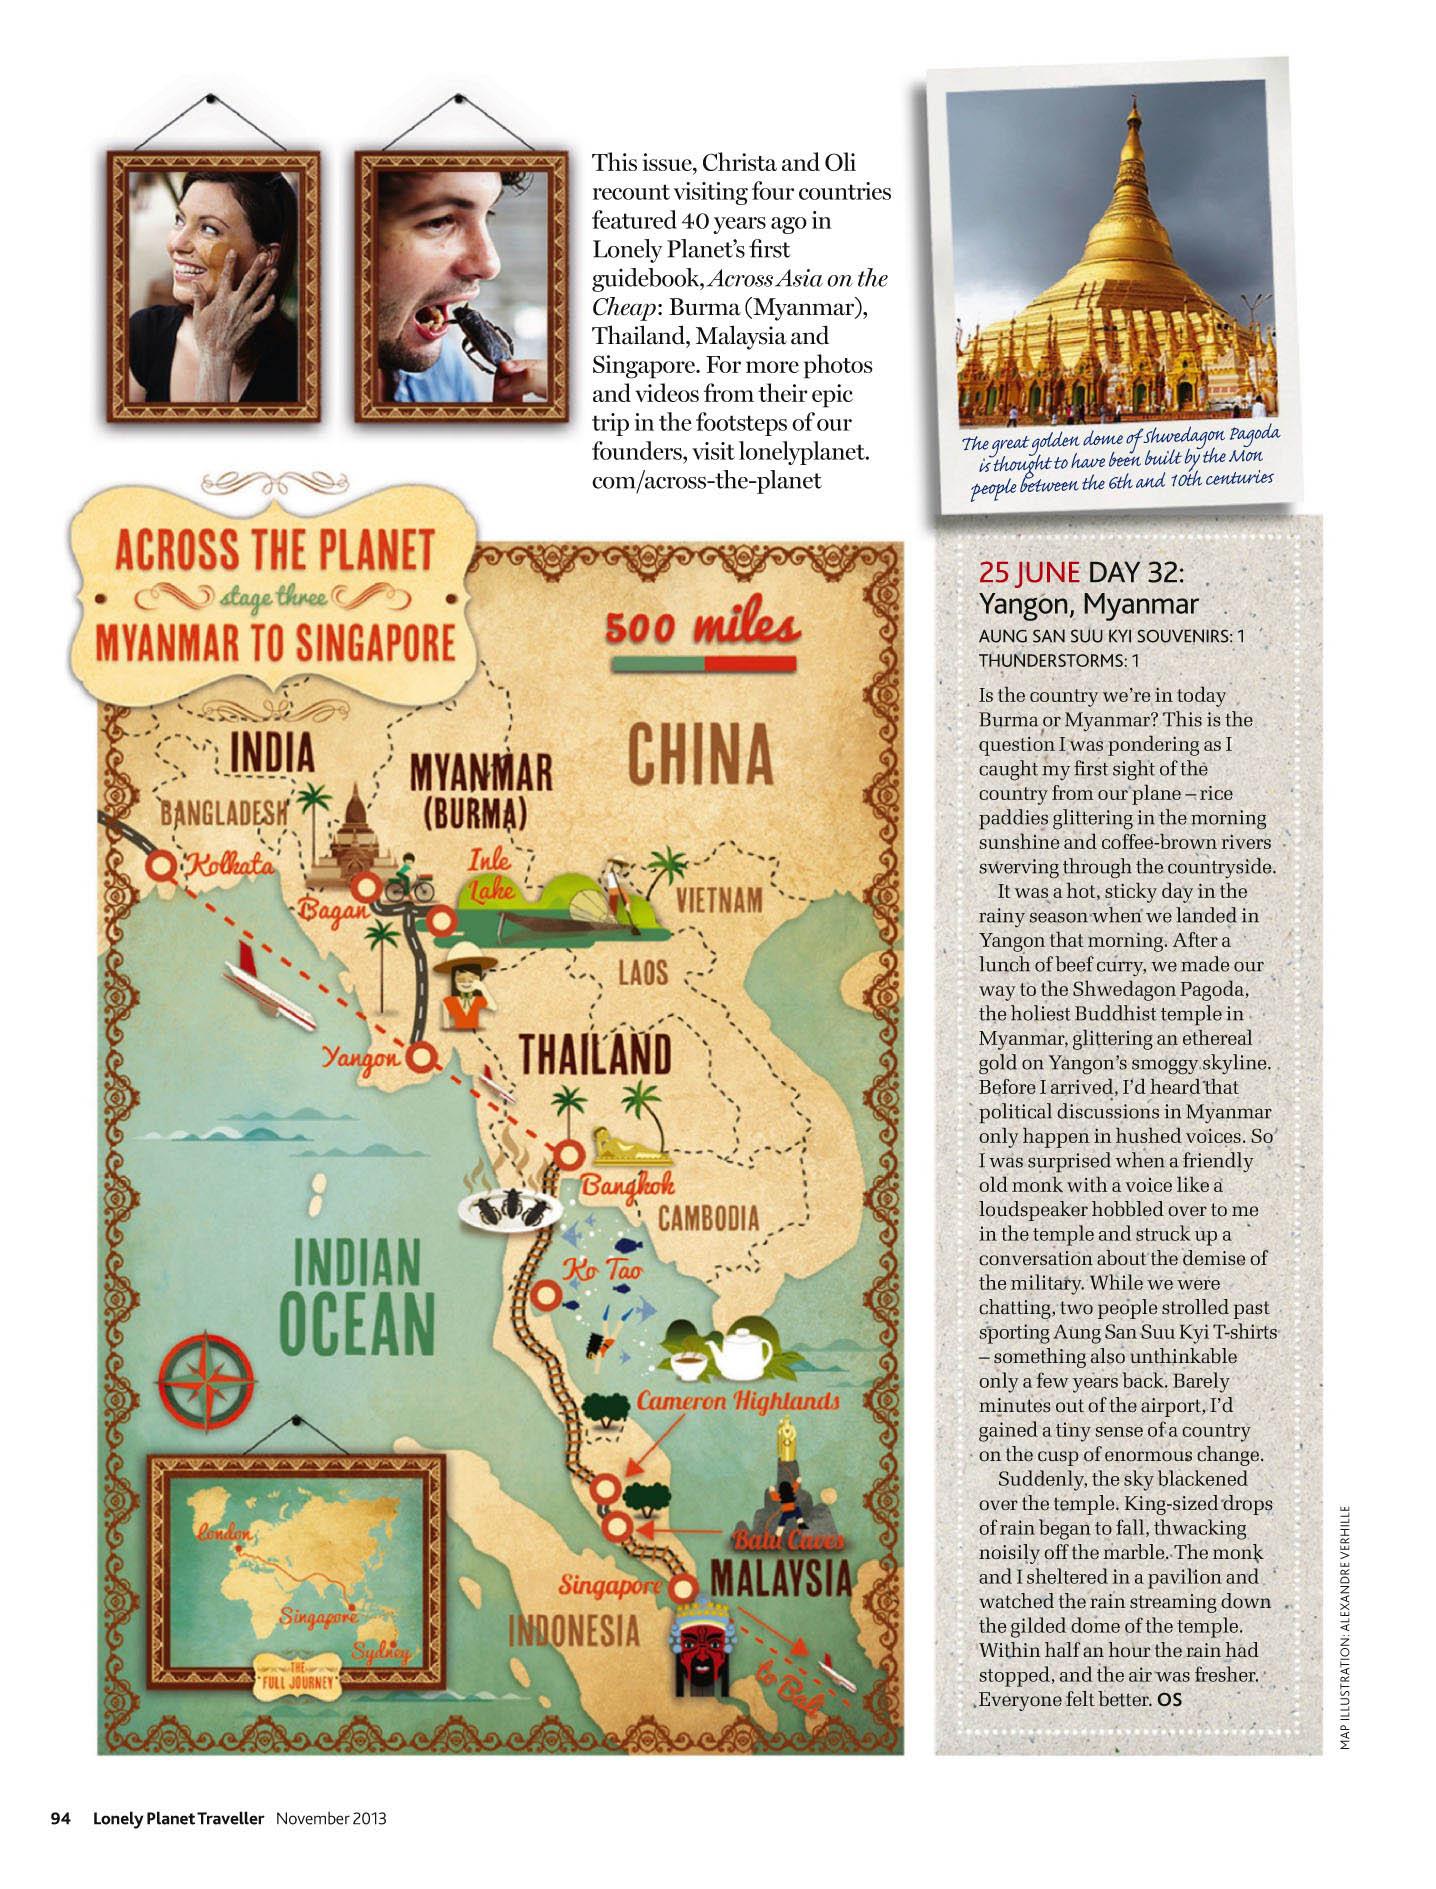 Lonely Planet Traveller UK 2013-11-02.jpg